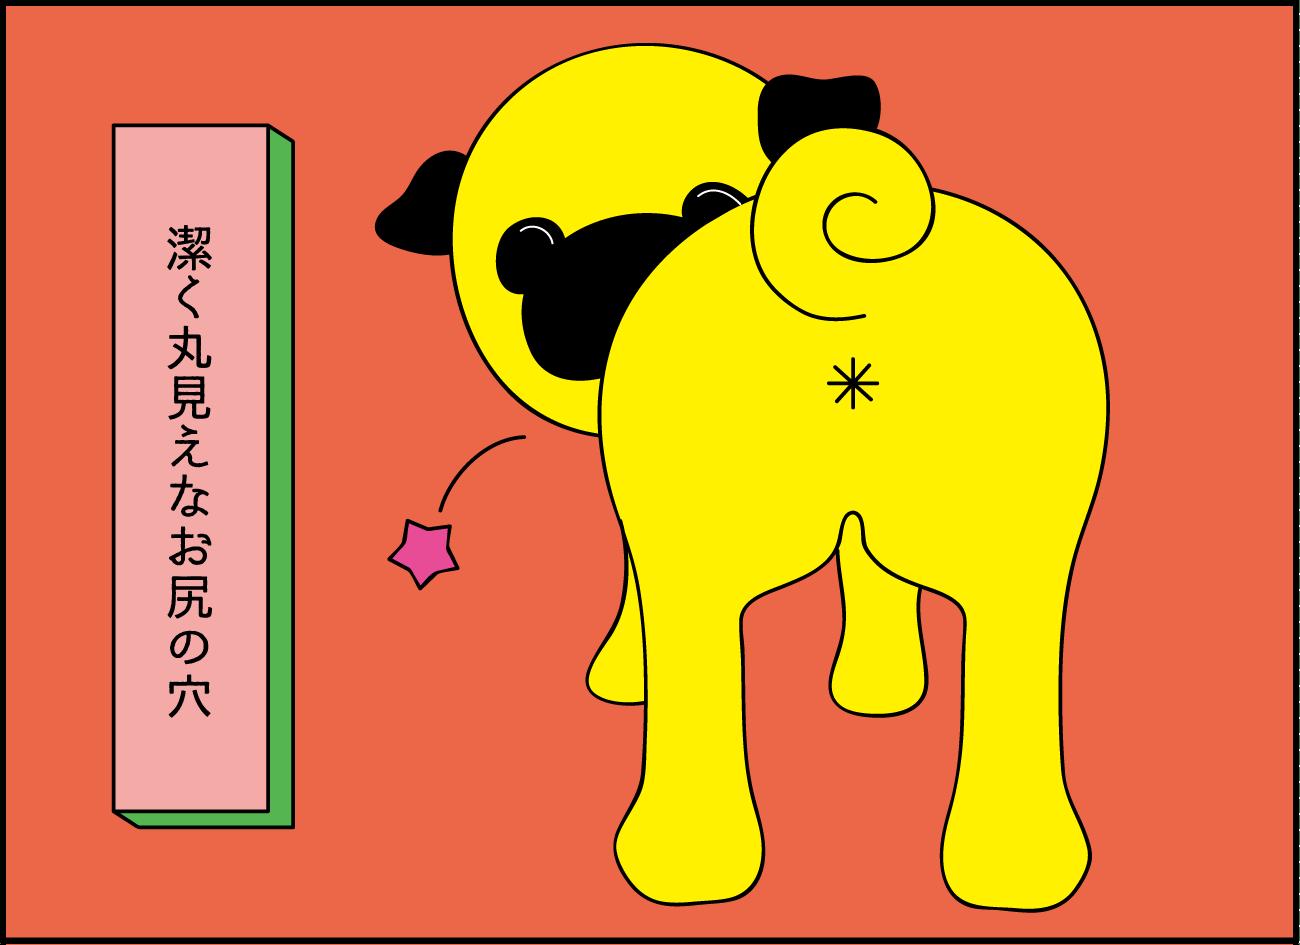 パグの魅力に迫る【ほのぼの系Daily Comic/パグとわたし】